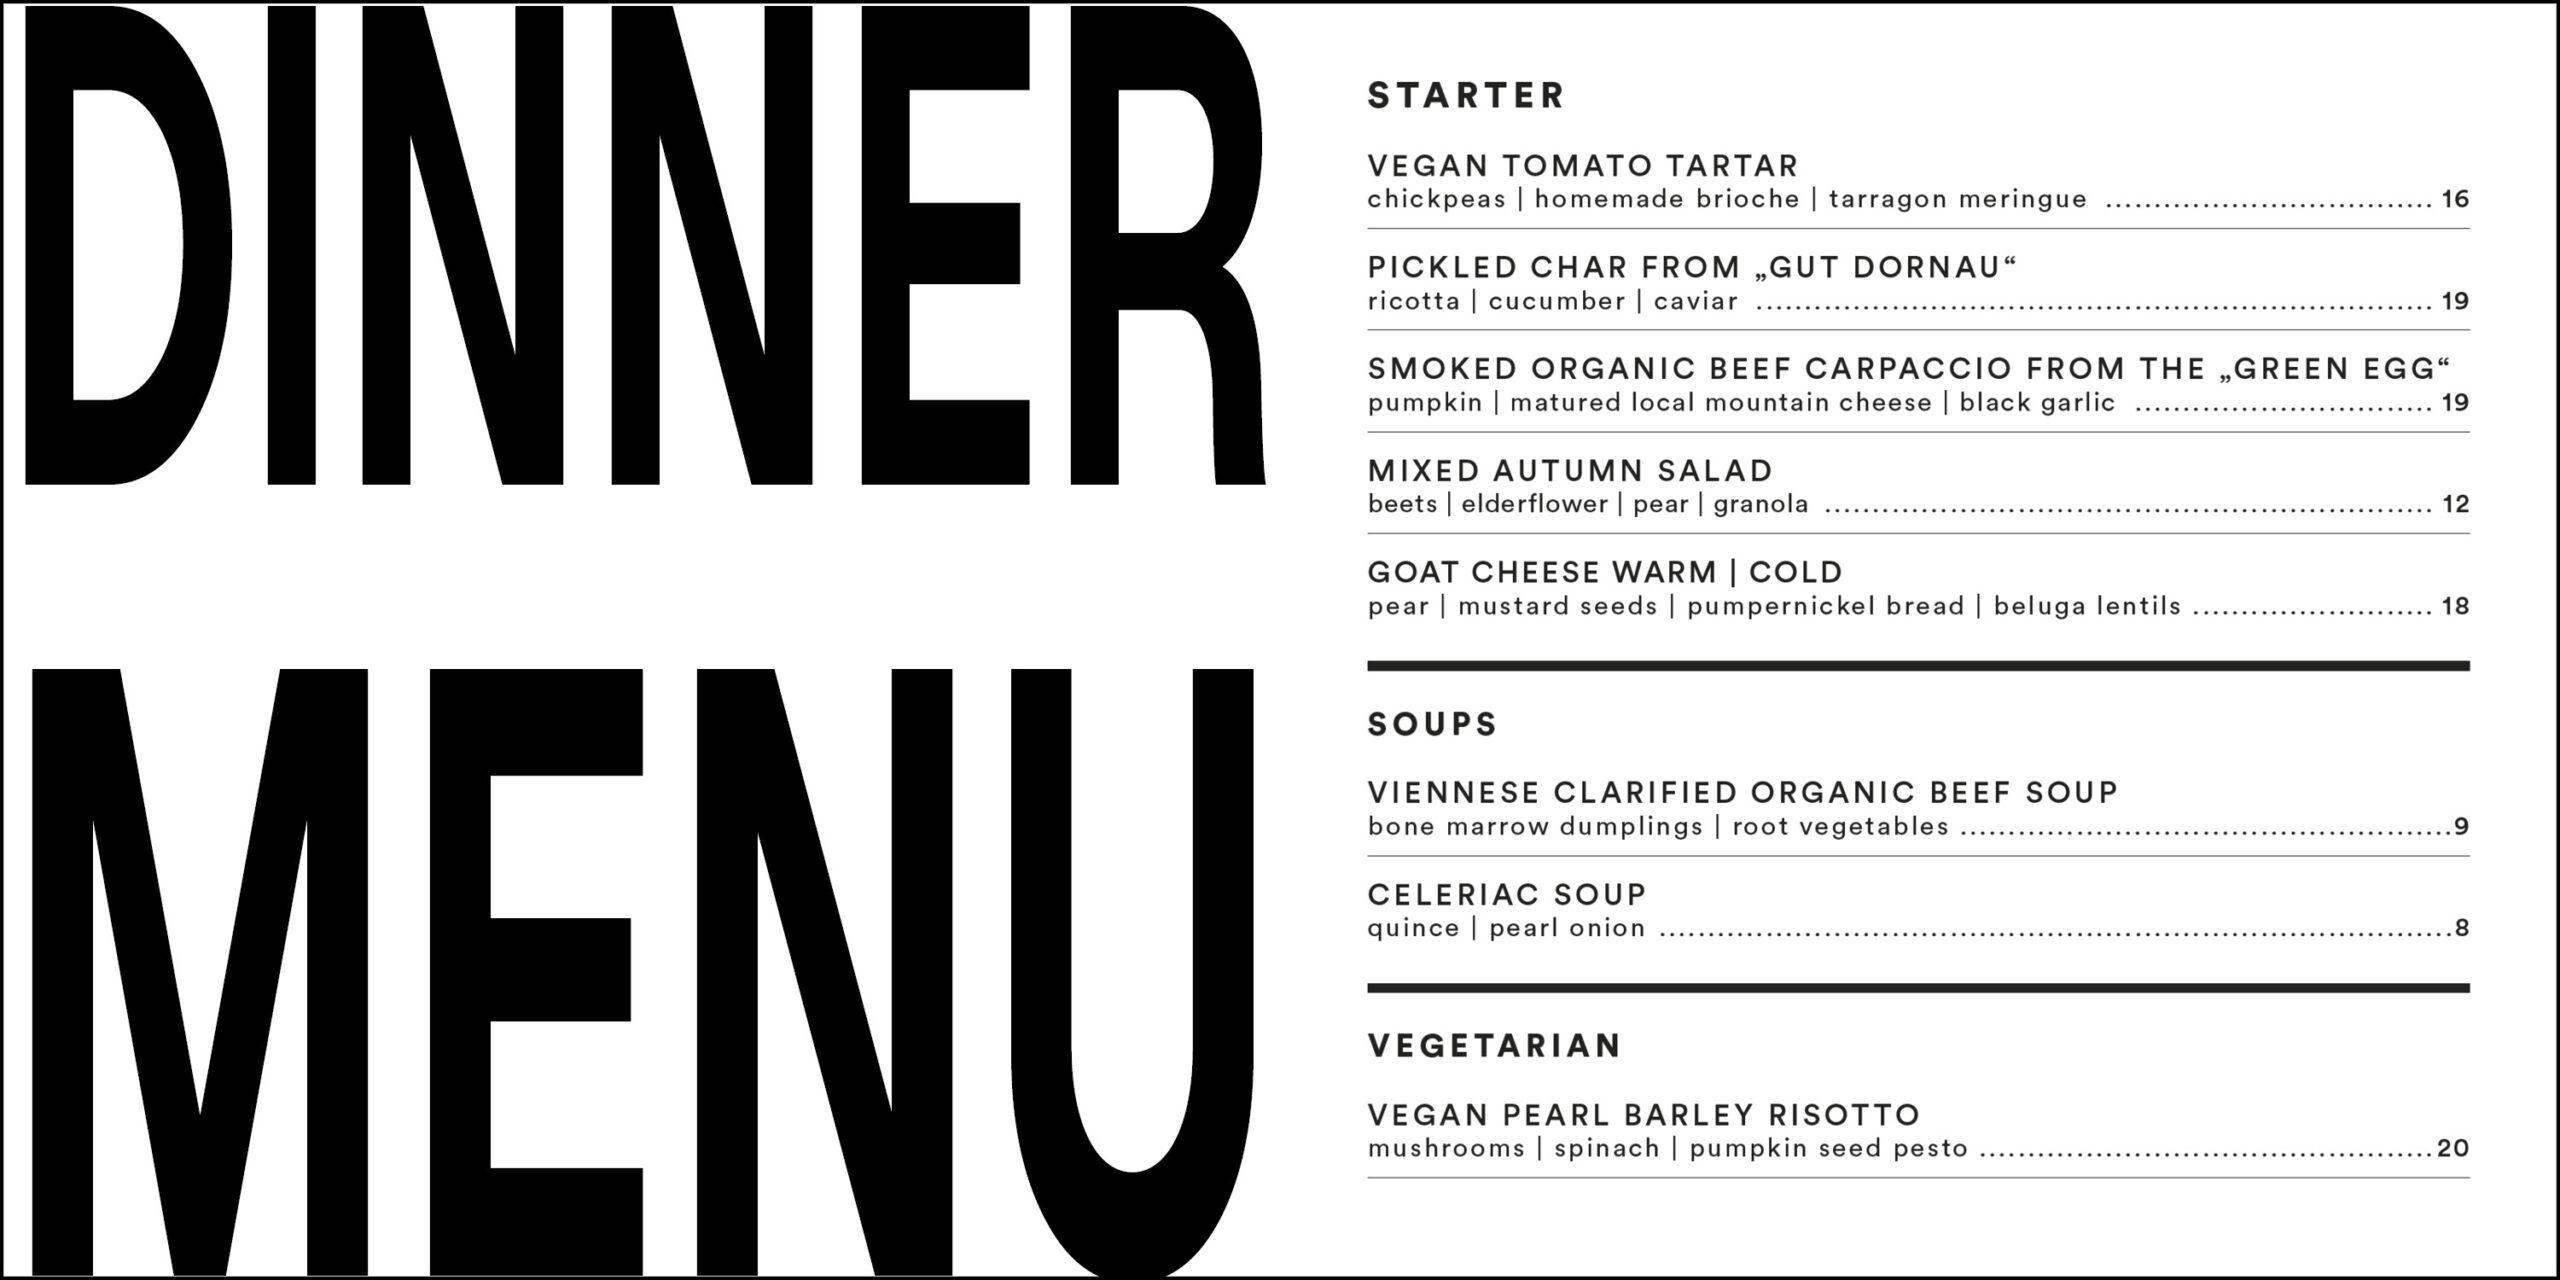 salonplafond-wien-speisekarte-abendessen-dinner-menu-vienna-1010